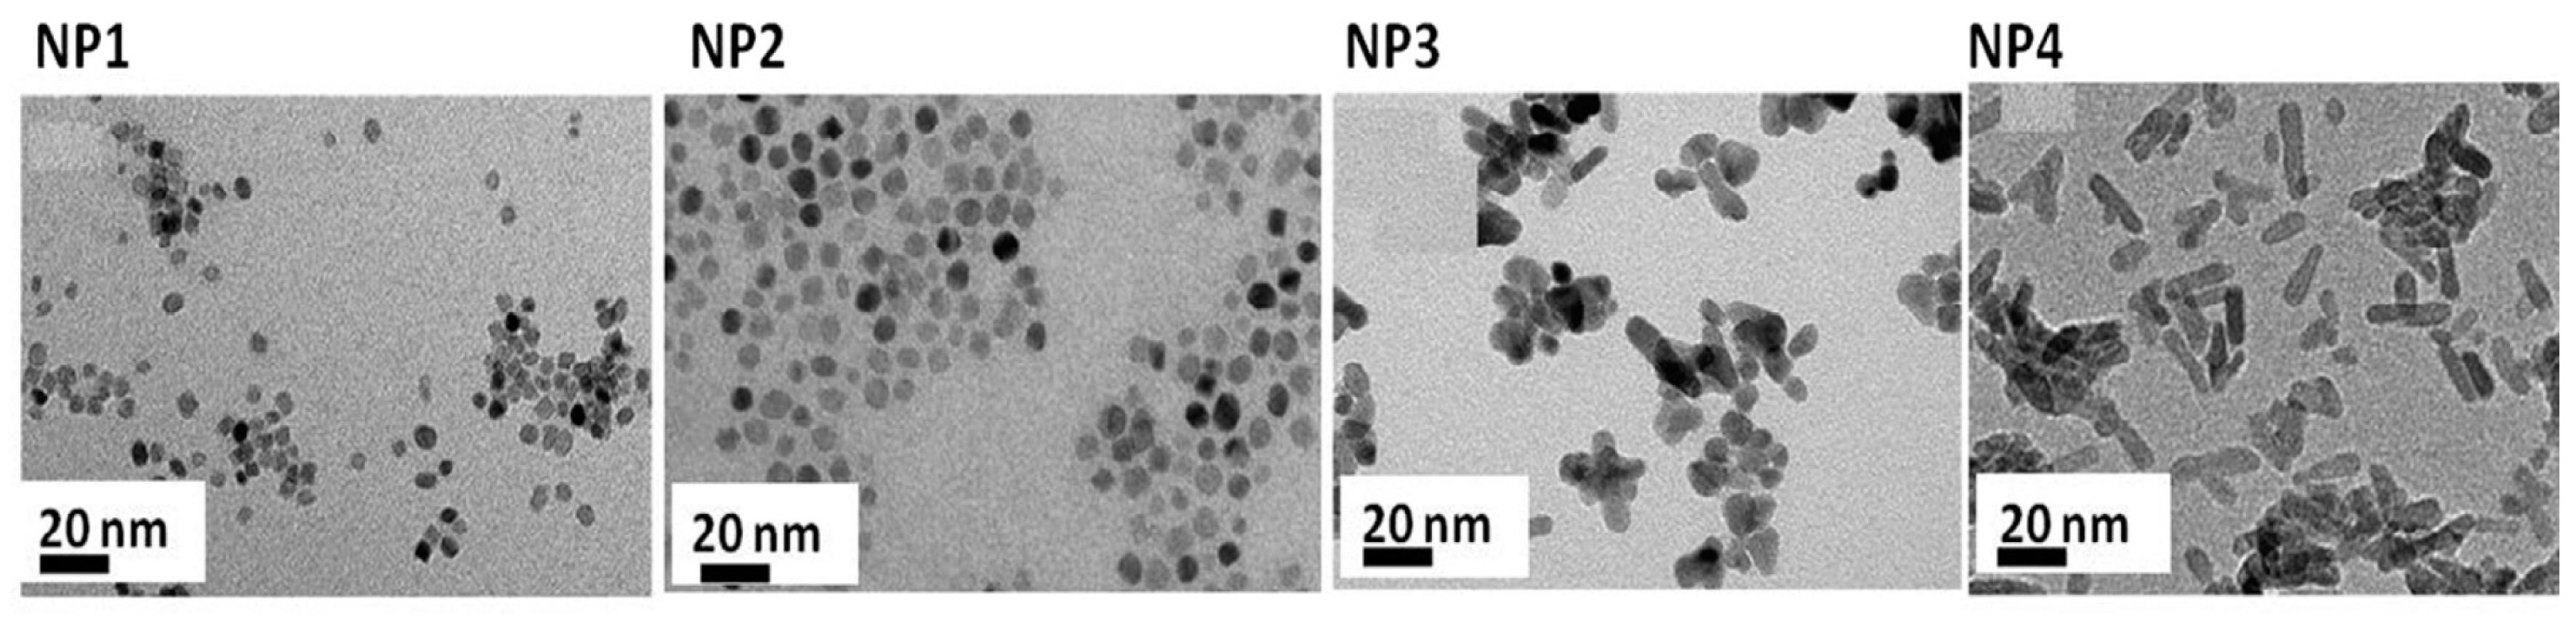 nanomaterials 10 g009